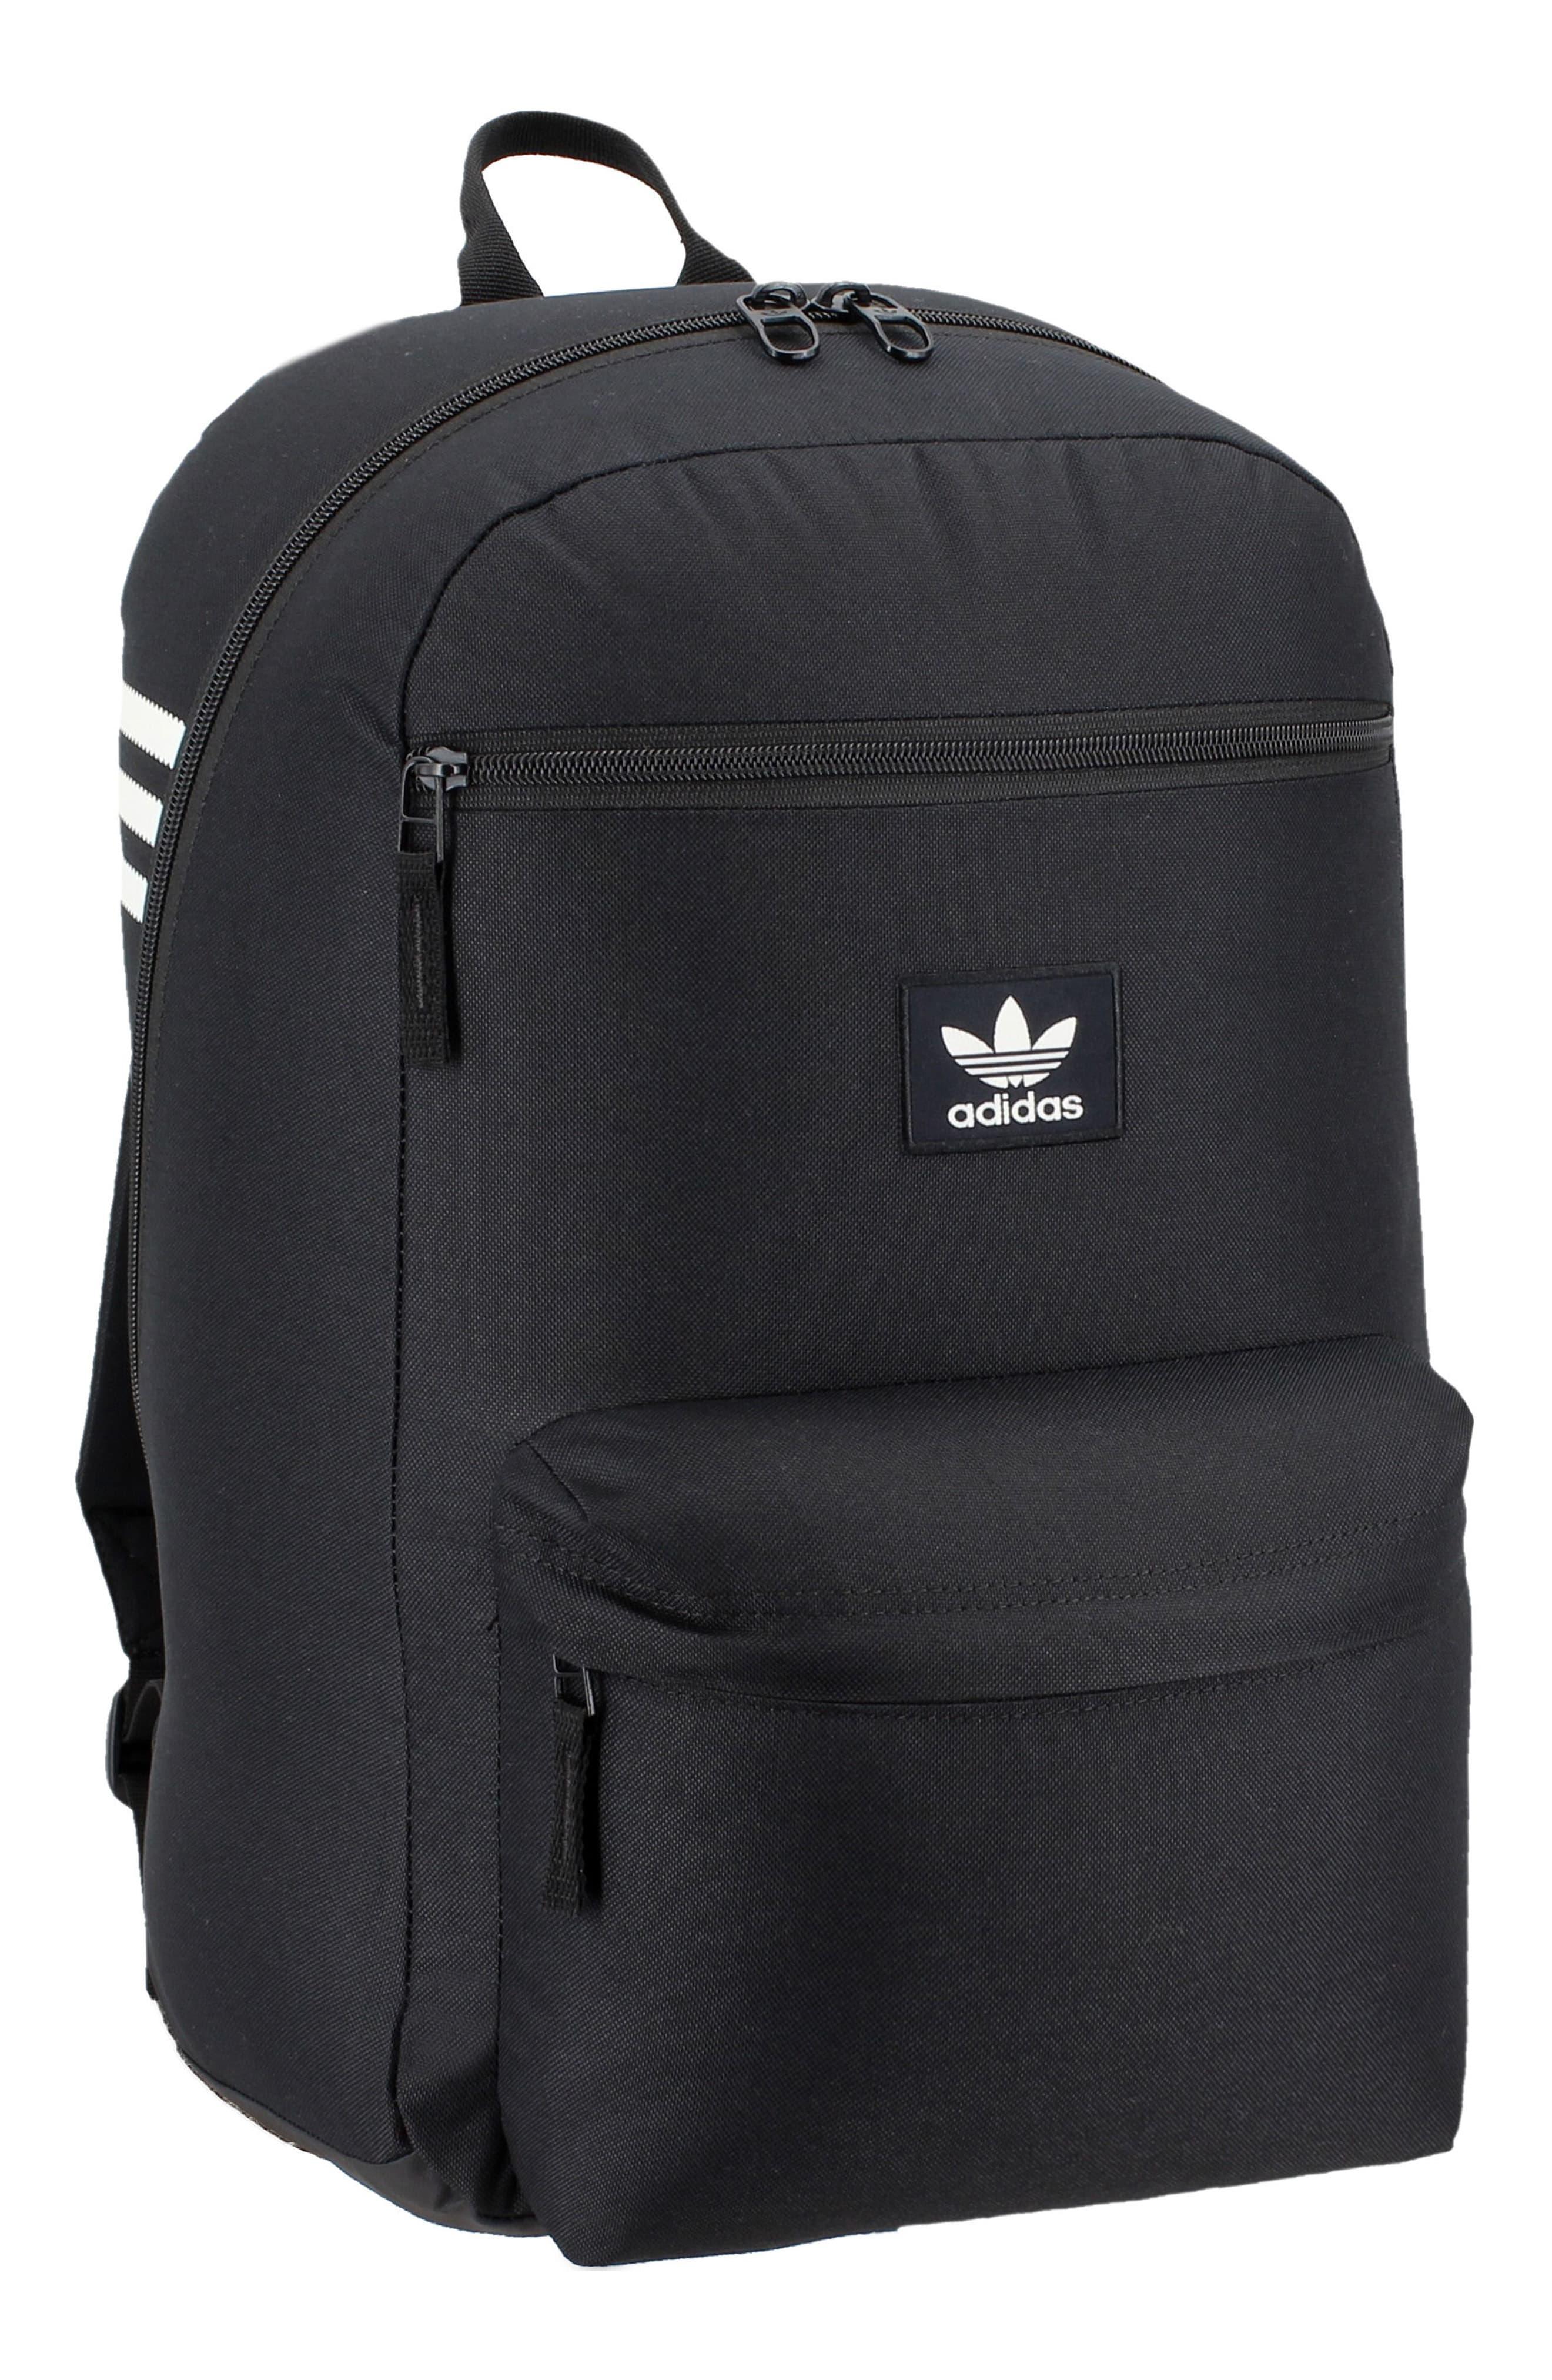 szuper akciók nagykereskedelem online keres adidas Originals Synthetic Nationals Backpack in Black for Men - Lyst